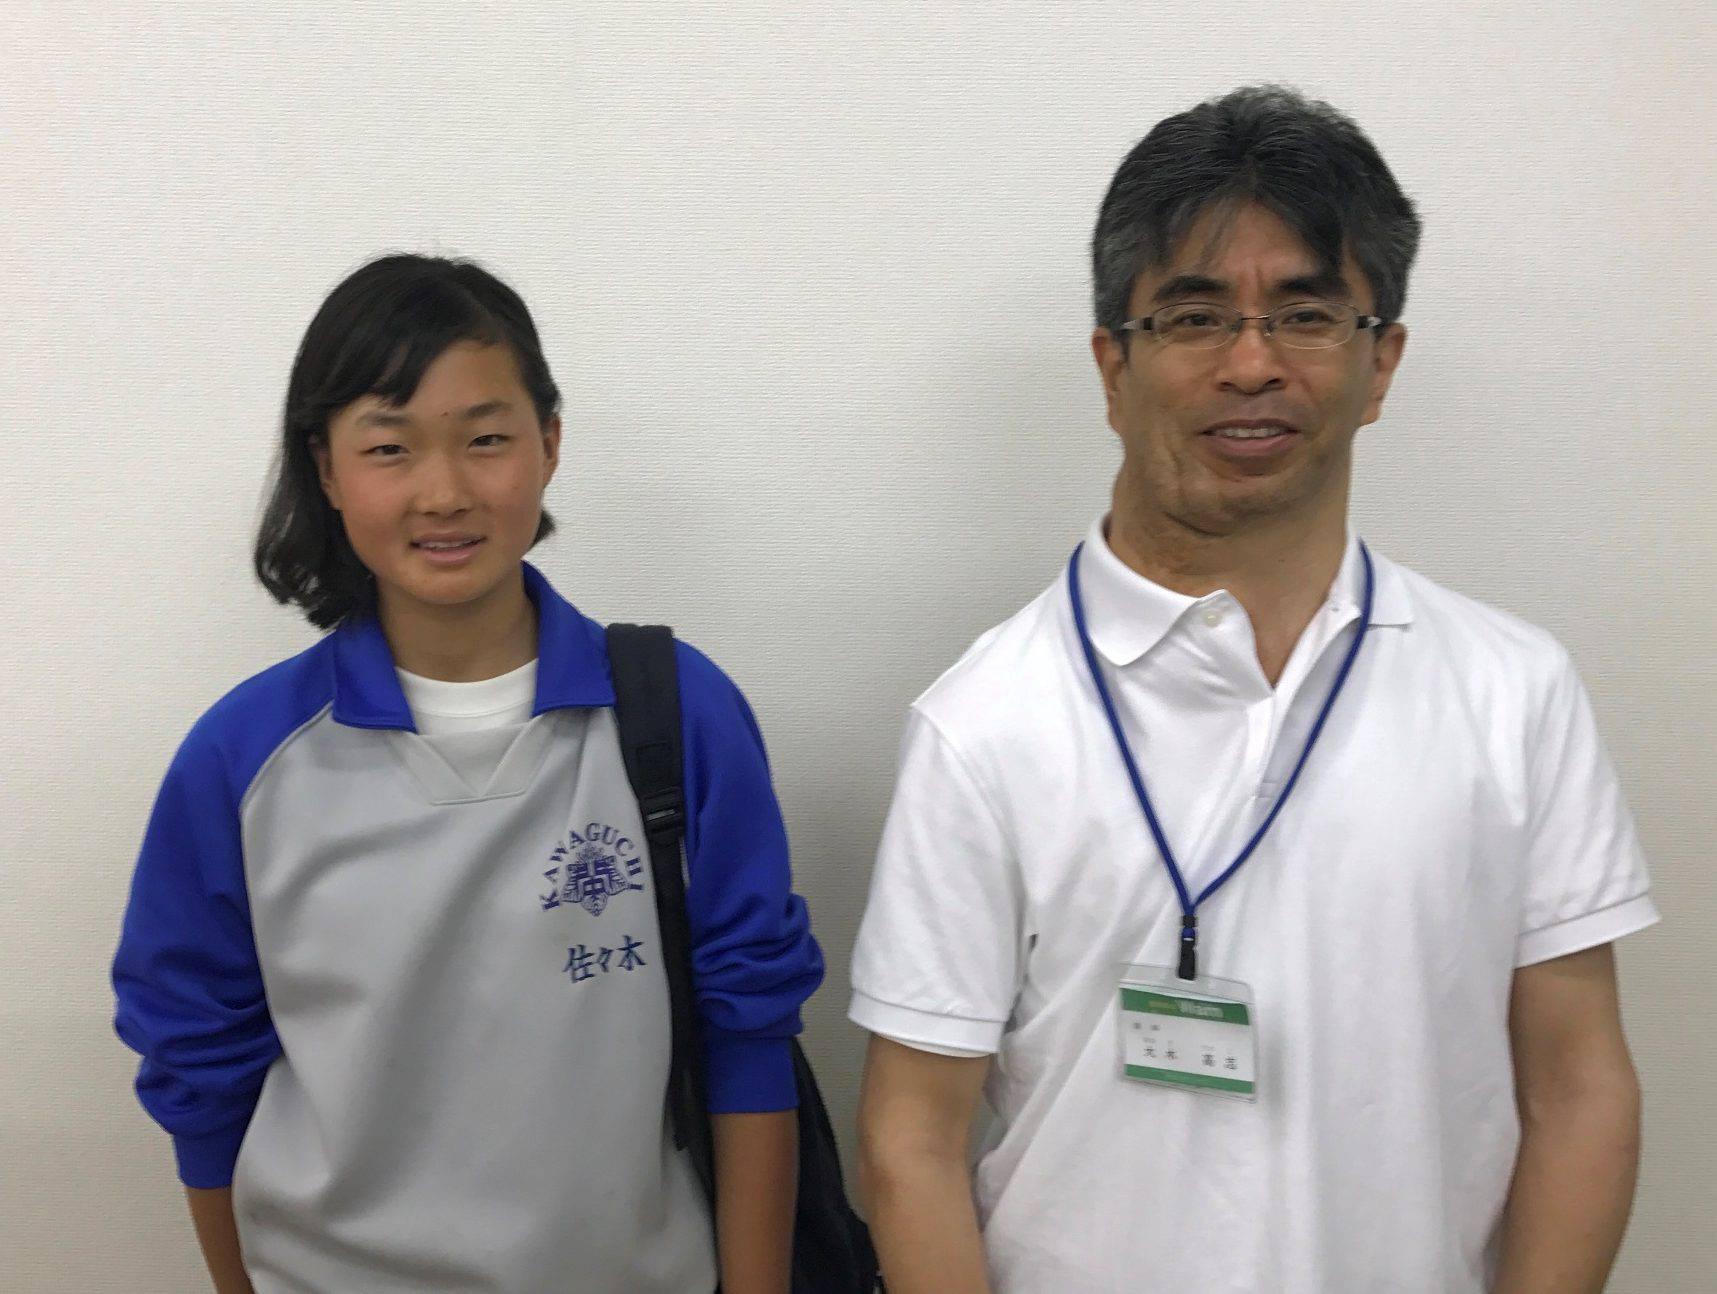 H29夏 中学2年 佐々木宥貴乃さん 大木先生